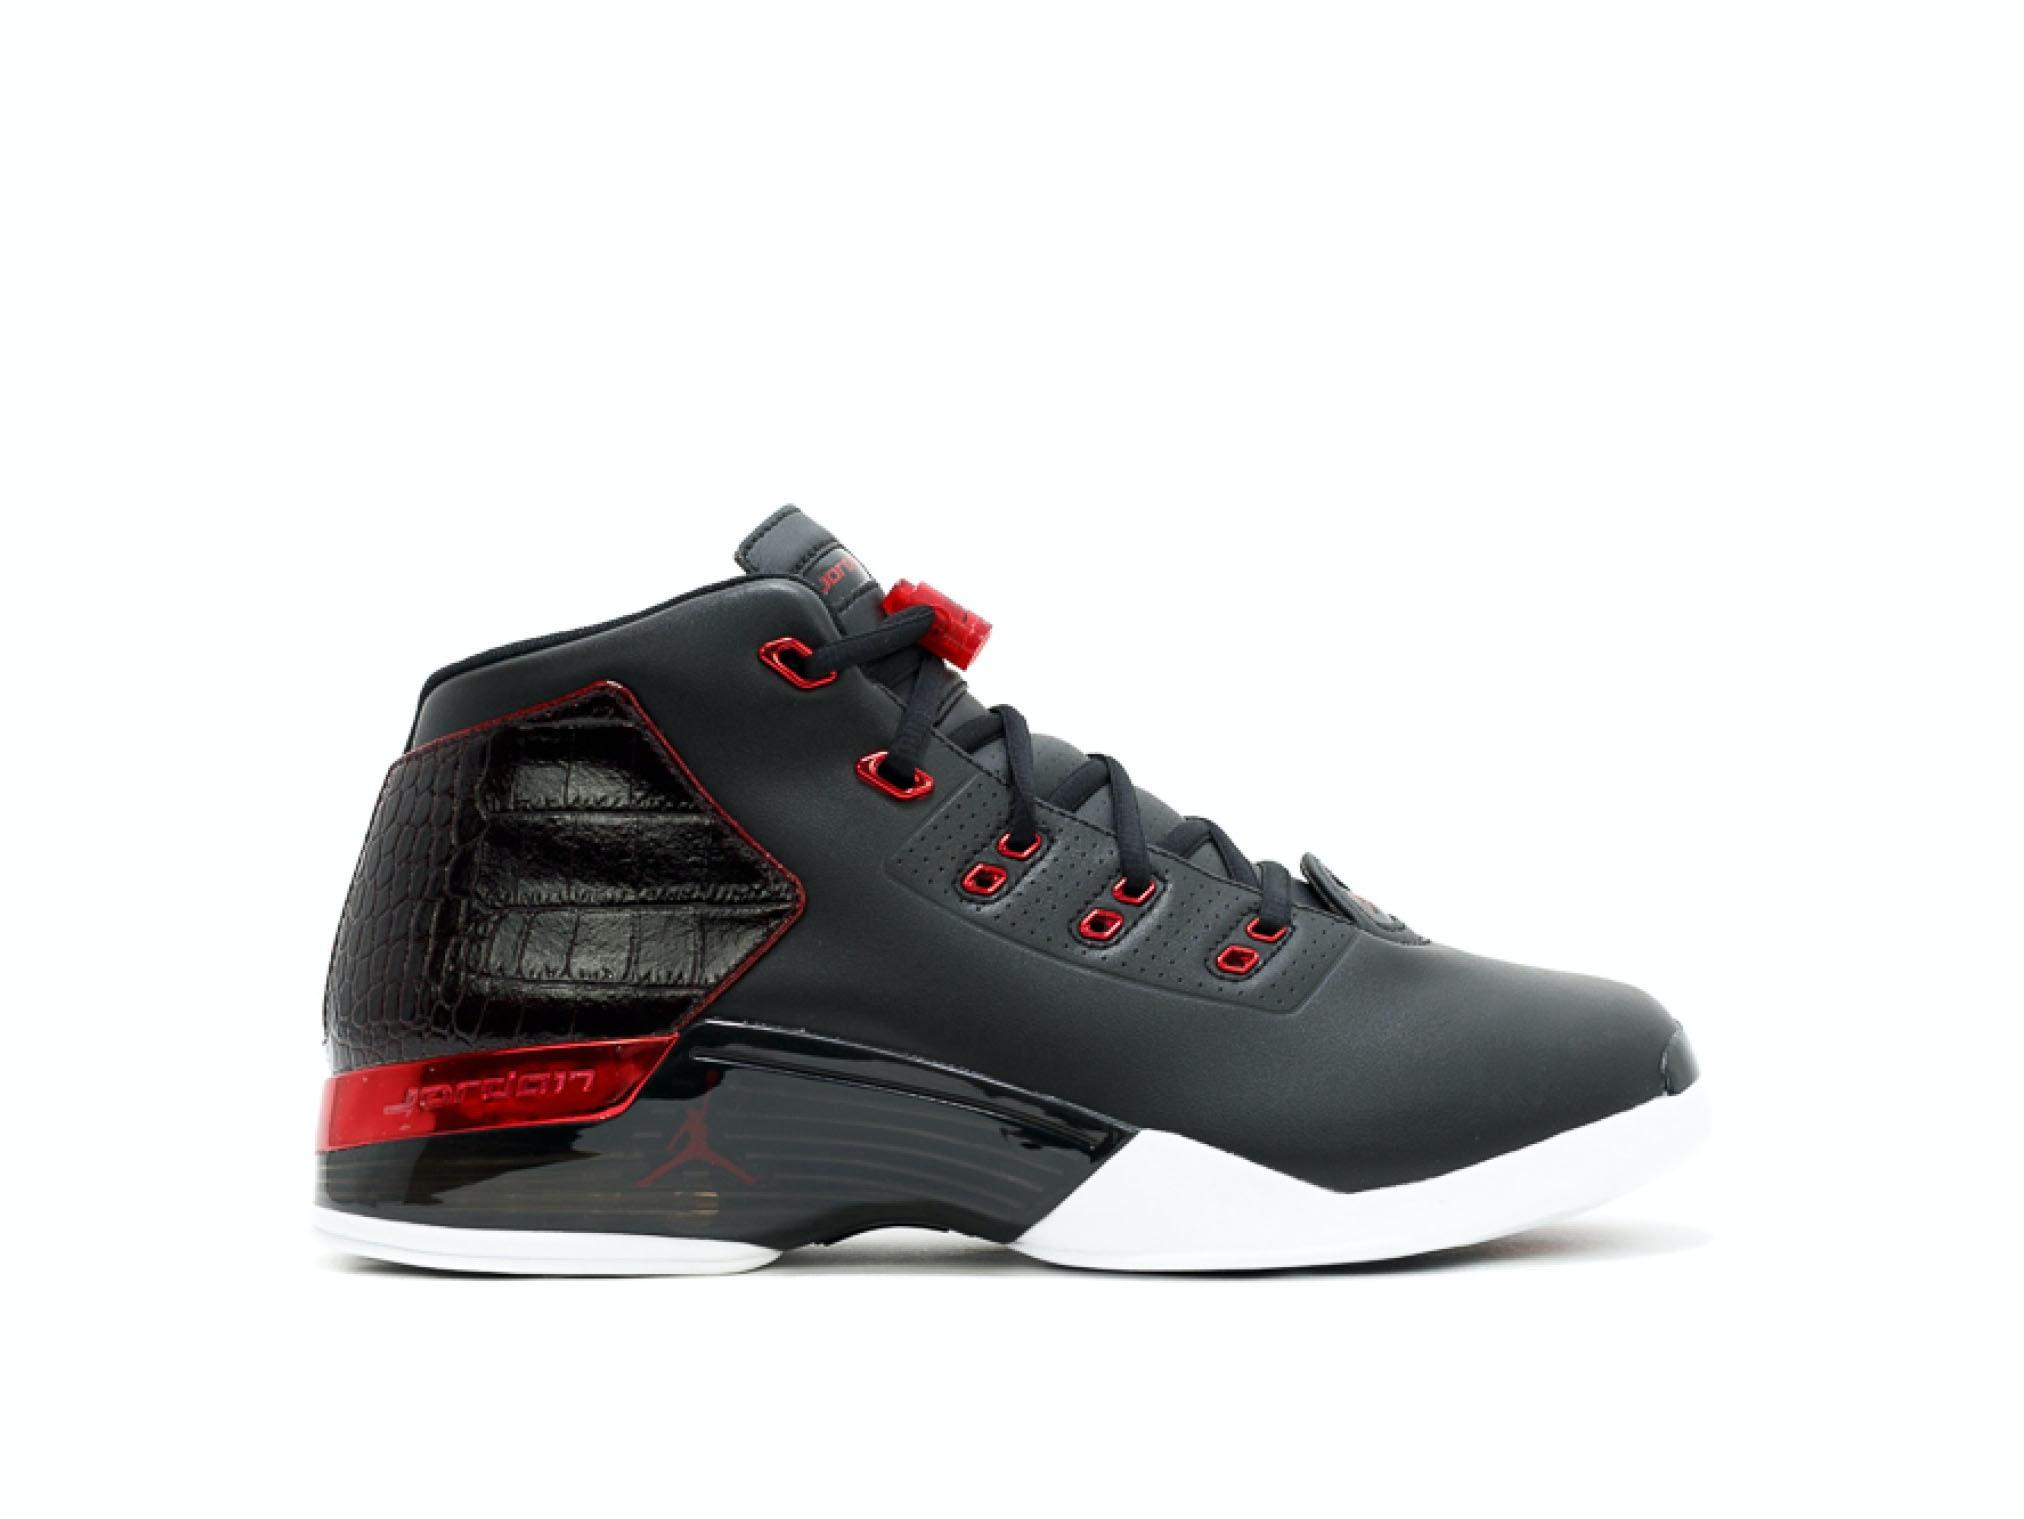 d5e3c985587 Shop Air Jordan 17+ Retro Bulls Online | Laced